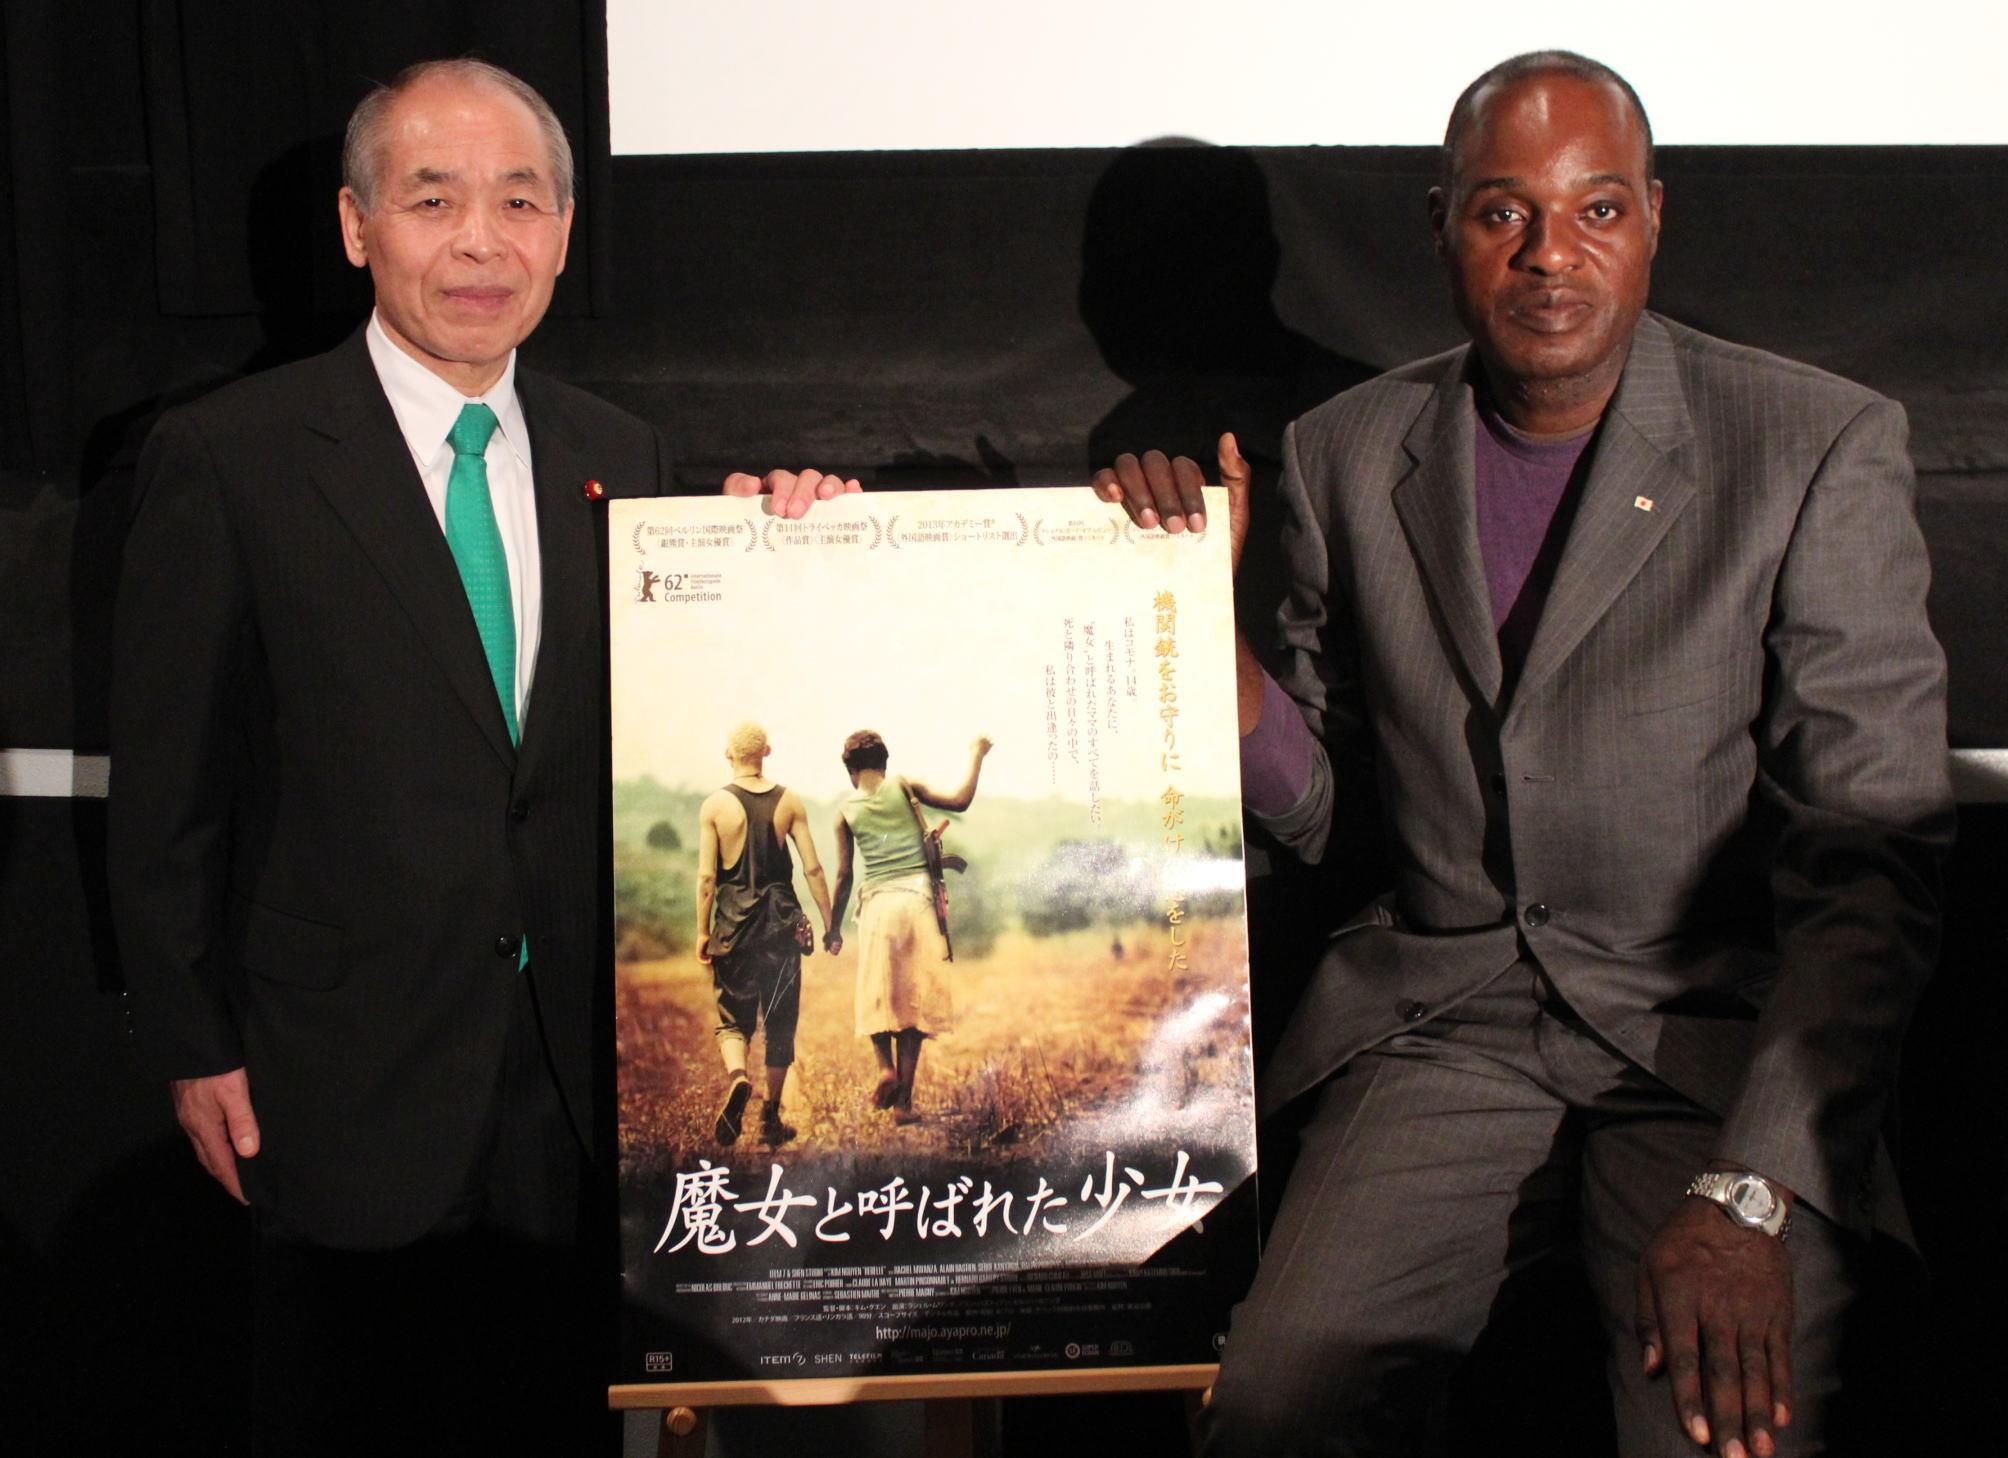 鈴木宗男「援助ではなく協力を」 ムルアカ氏とアフリカ支援のあり方訴える